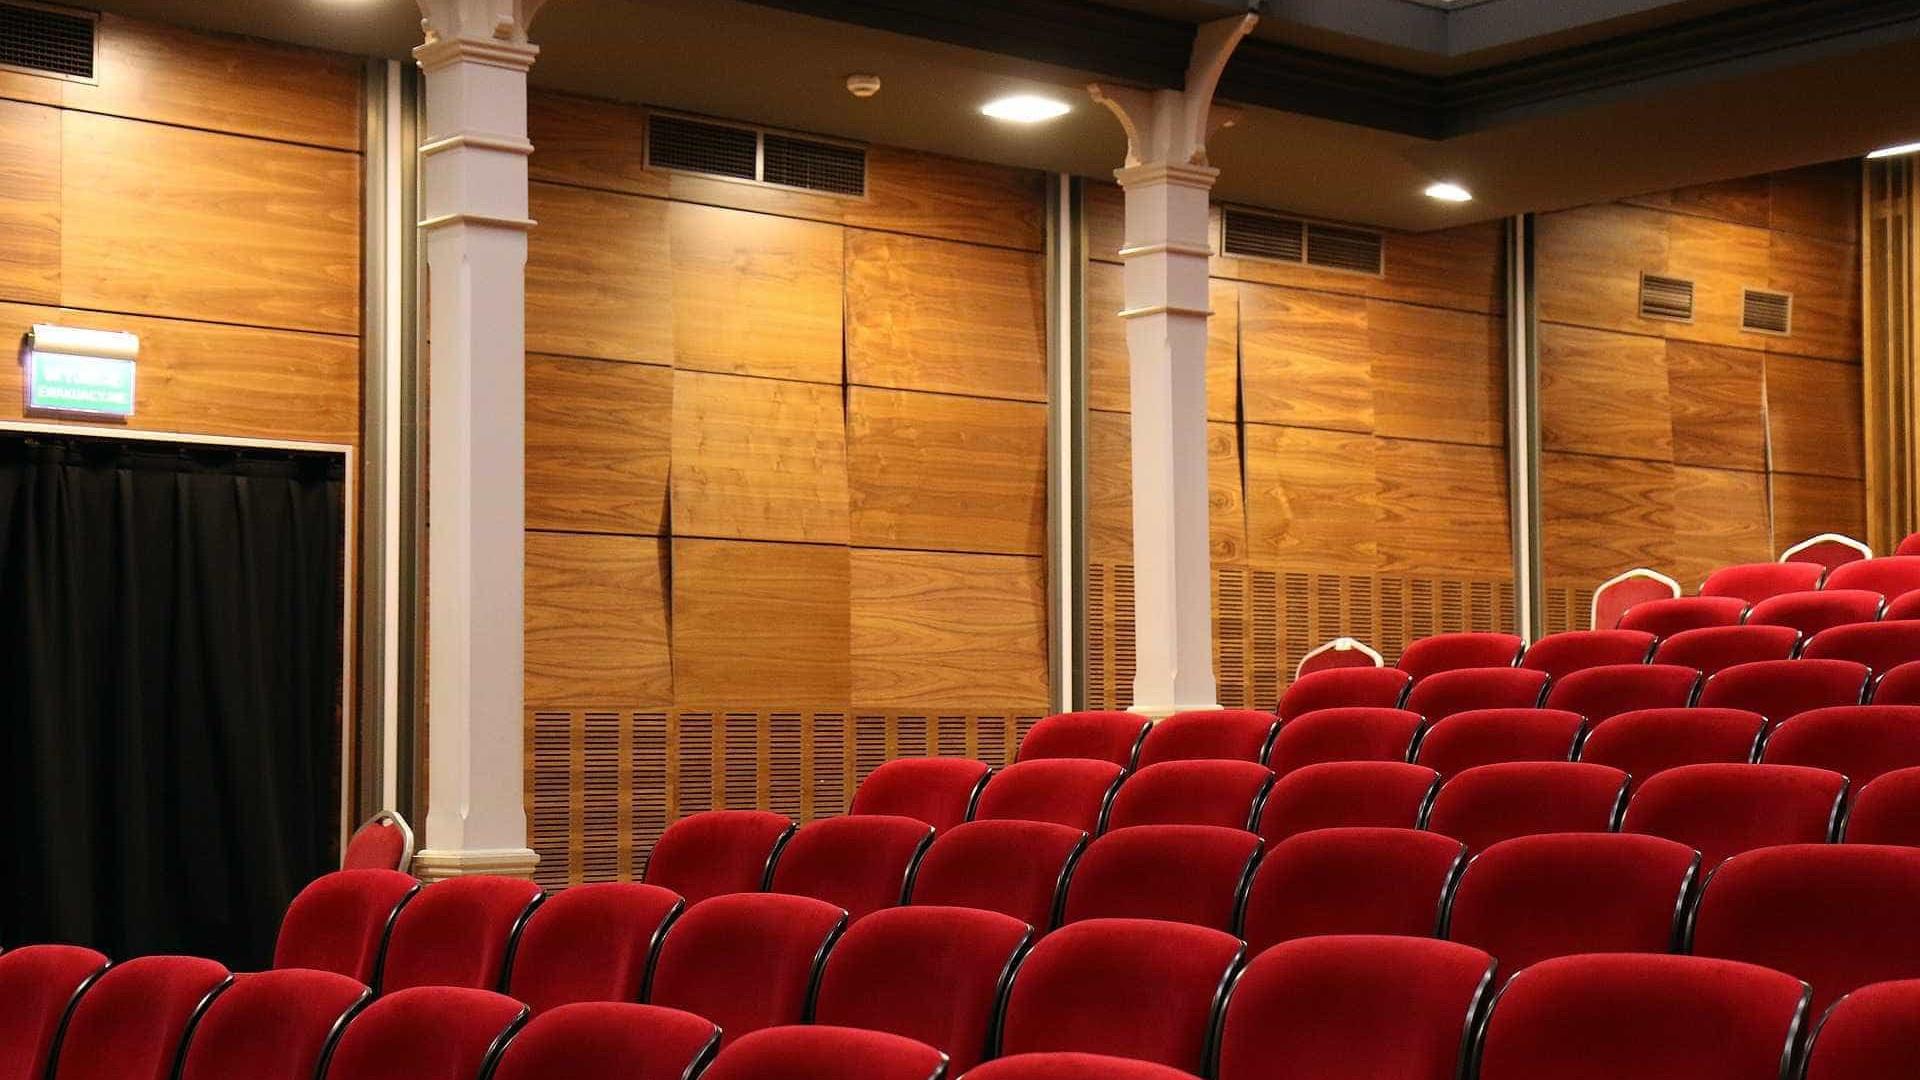 Brasileiros frequentam mais teatros  e cinemas, diz pesquisa